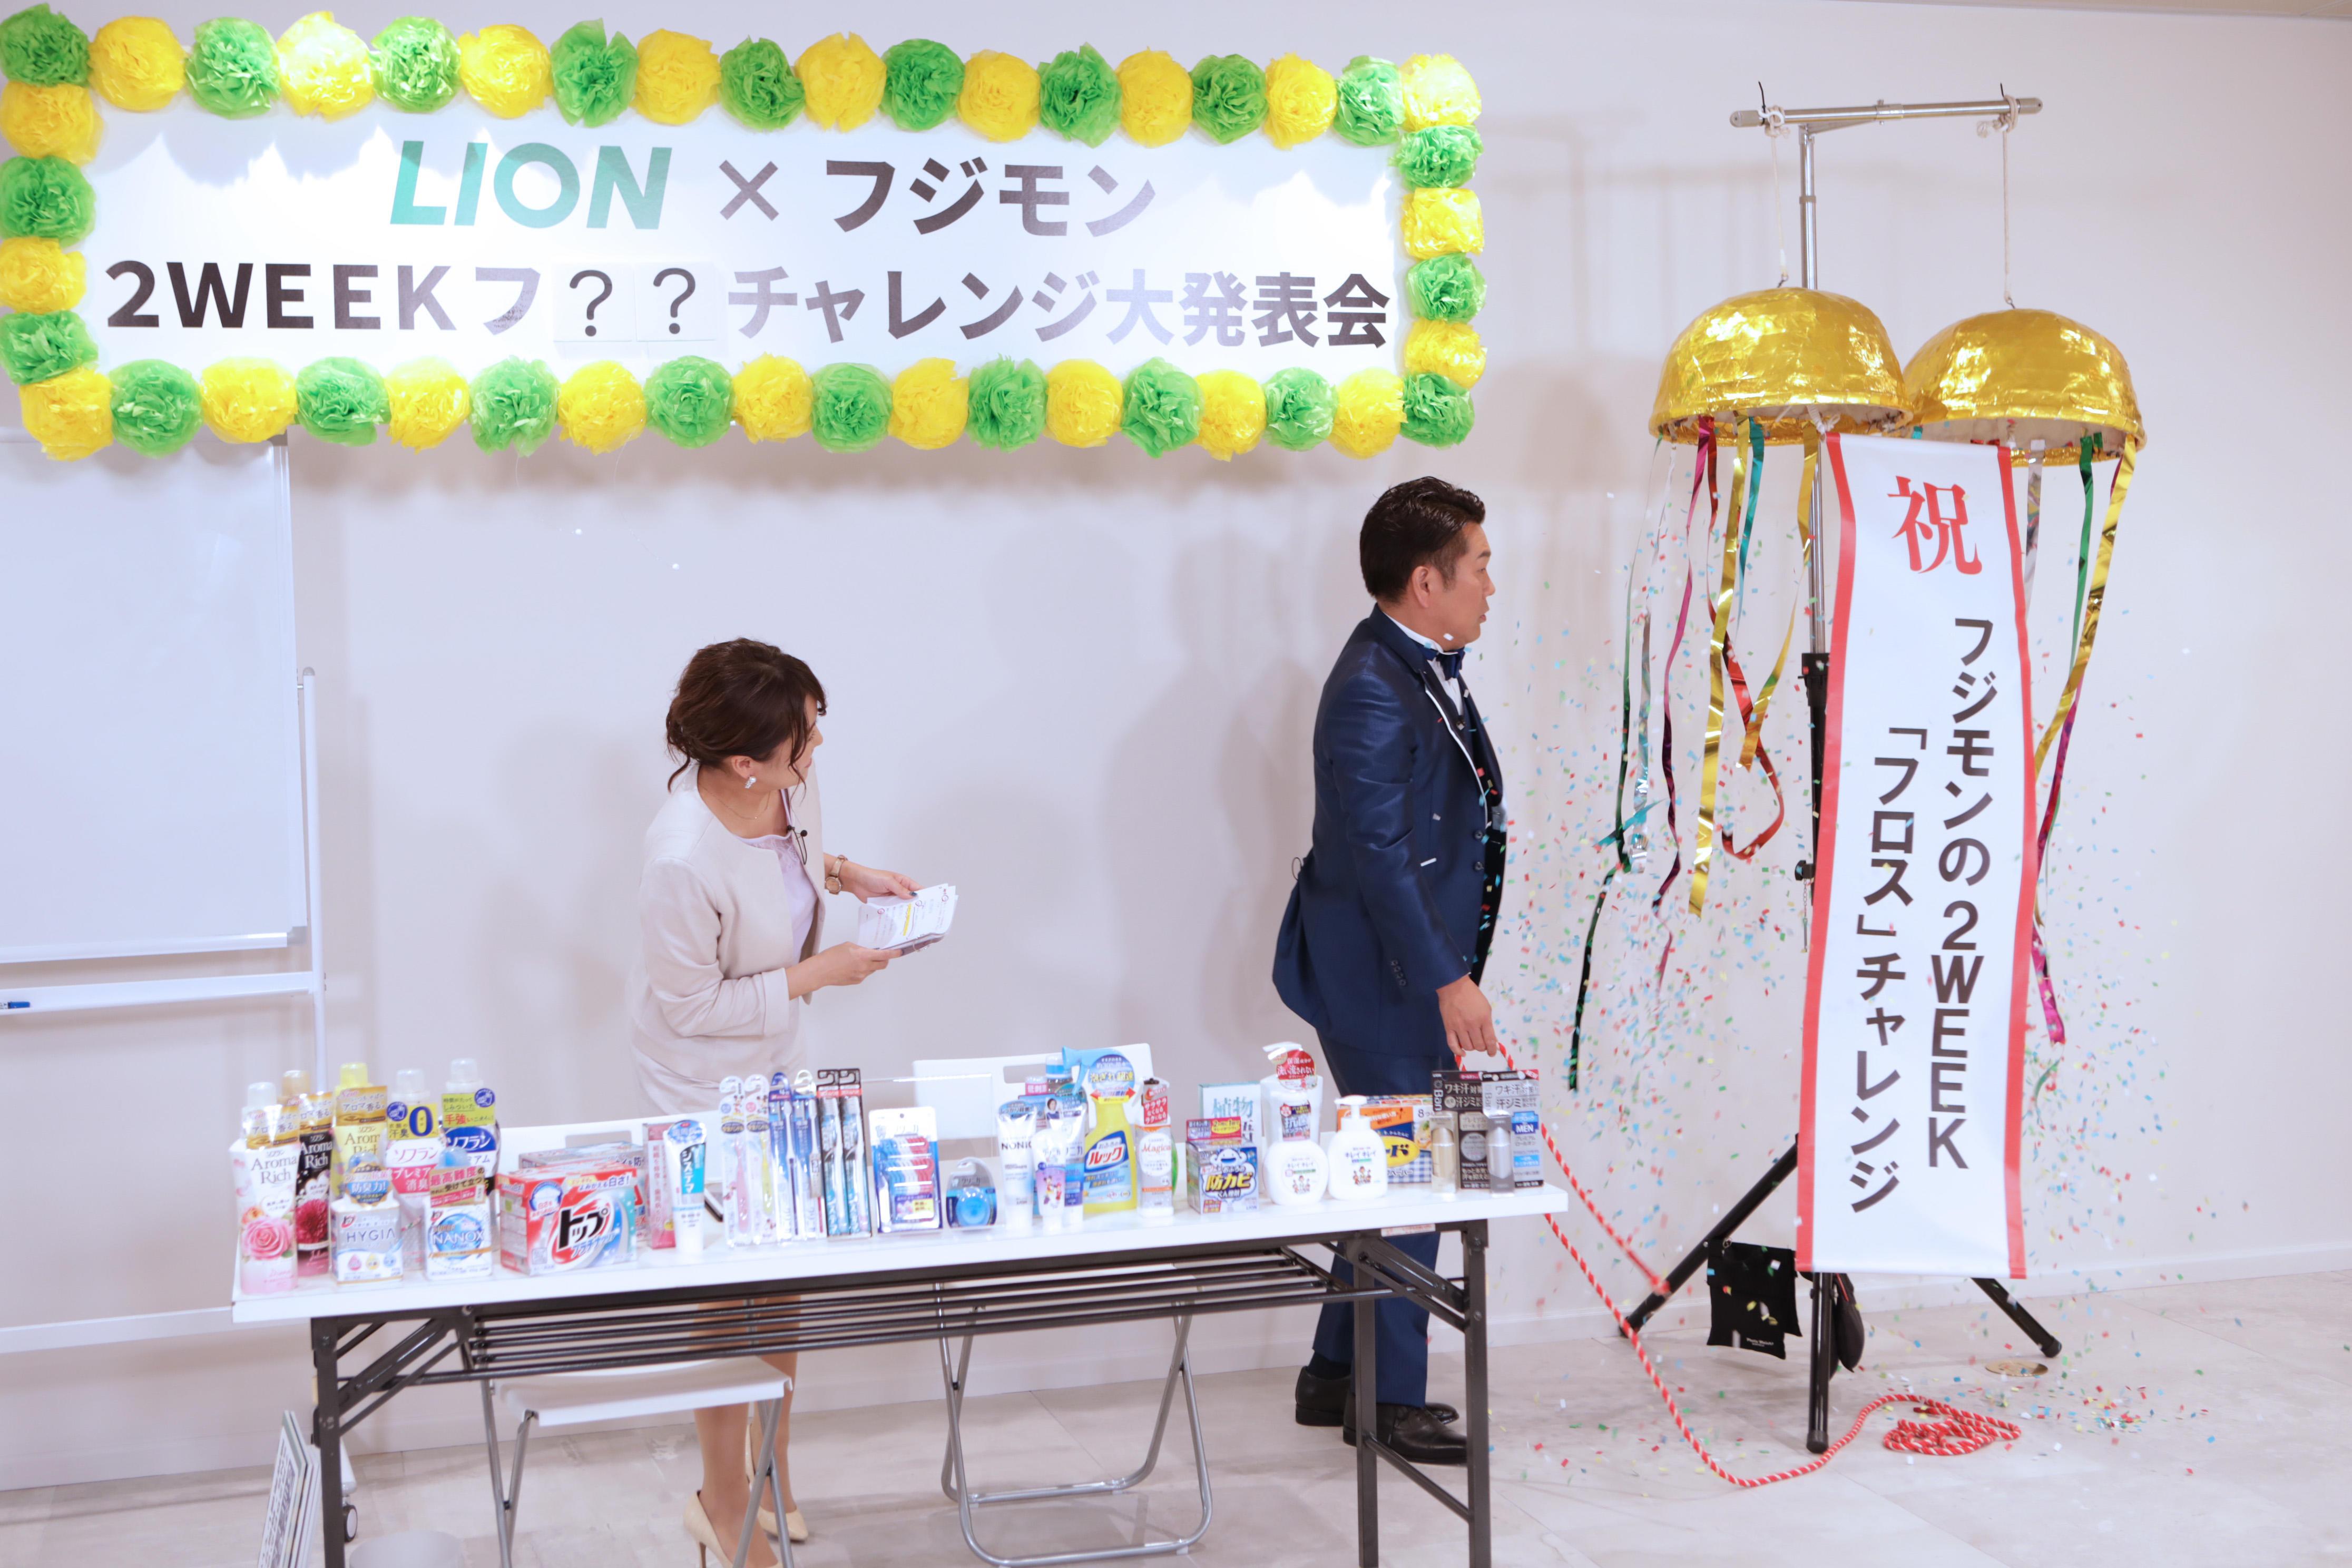 http://news.yoshimoto.co.jp/20180712103611-1858ad9c6123f212e3458081f6a9c6cd2d6868ae.jpg